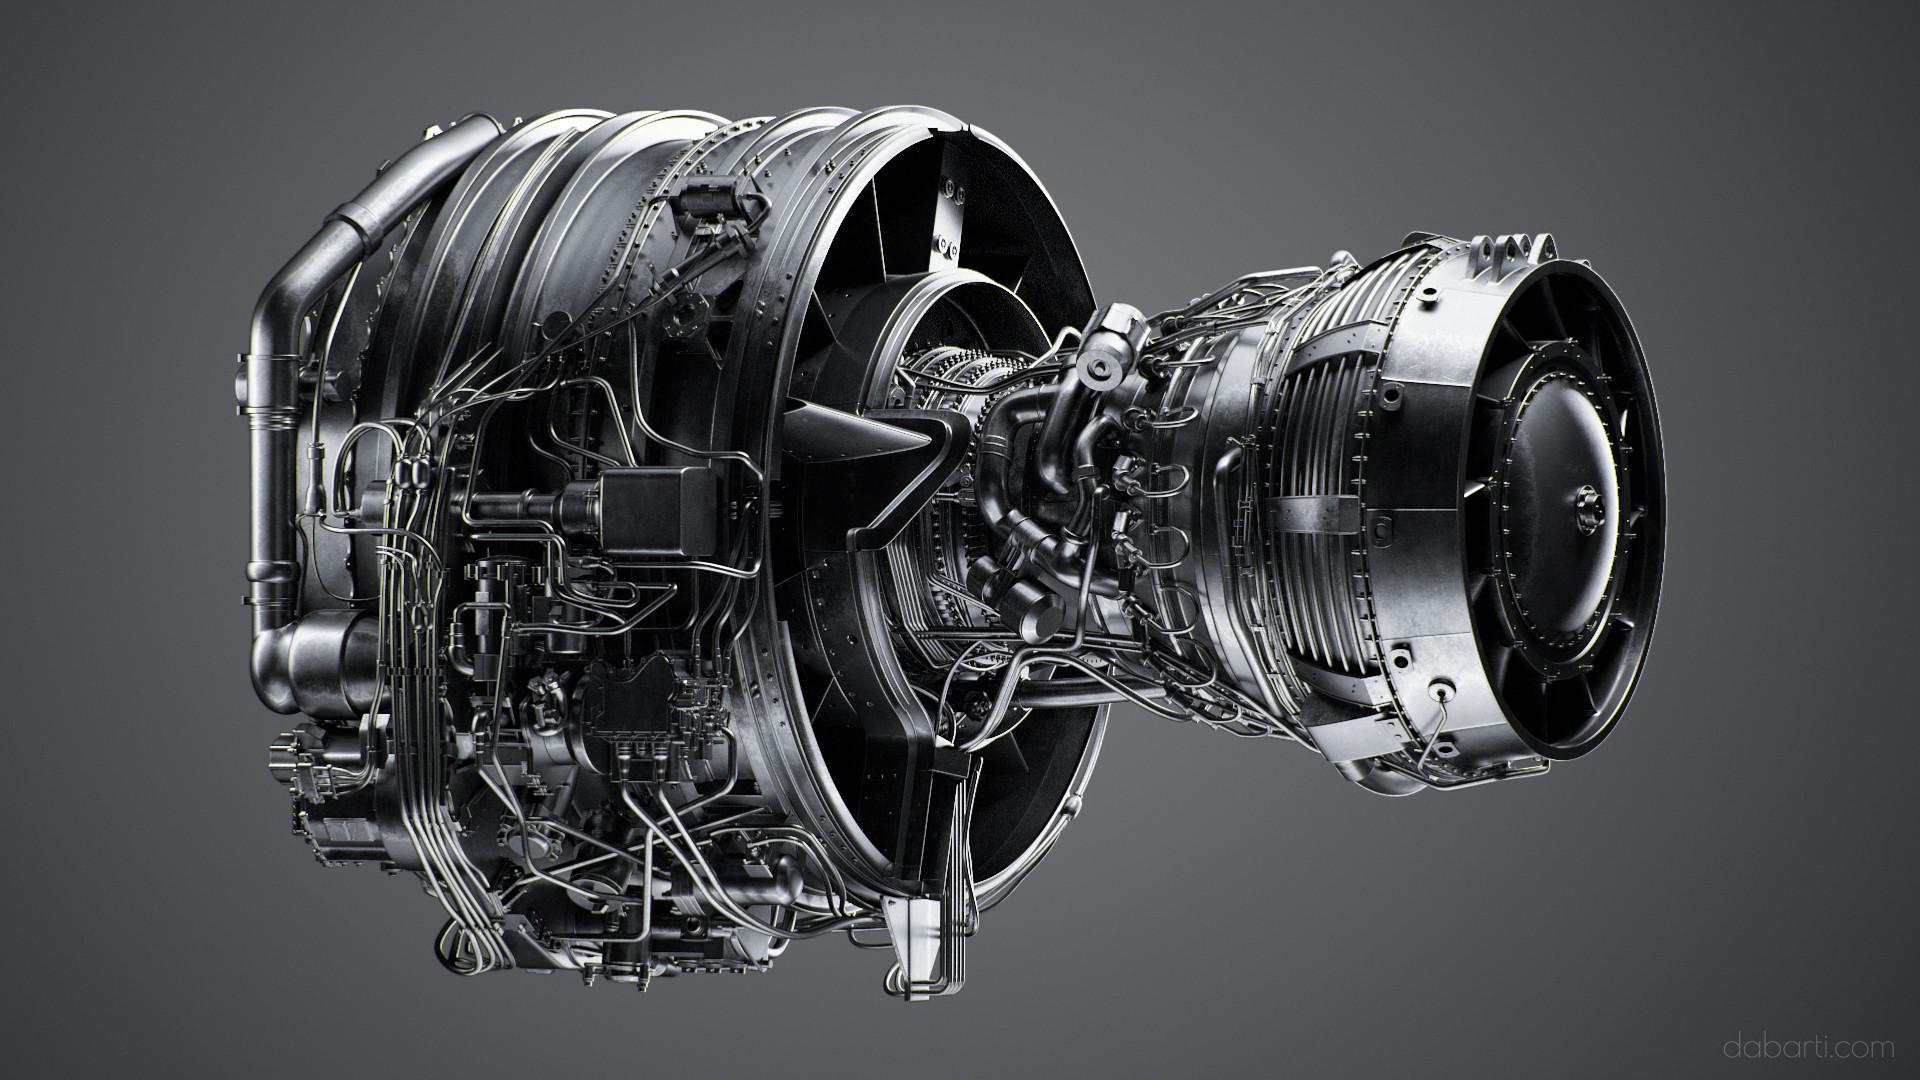 Tomasz Wyszolmirski Jet Engine Episode 1